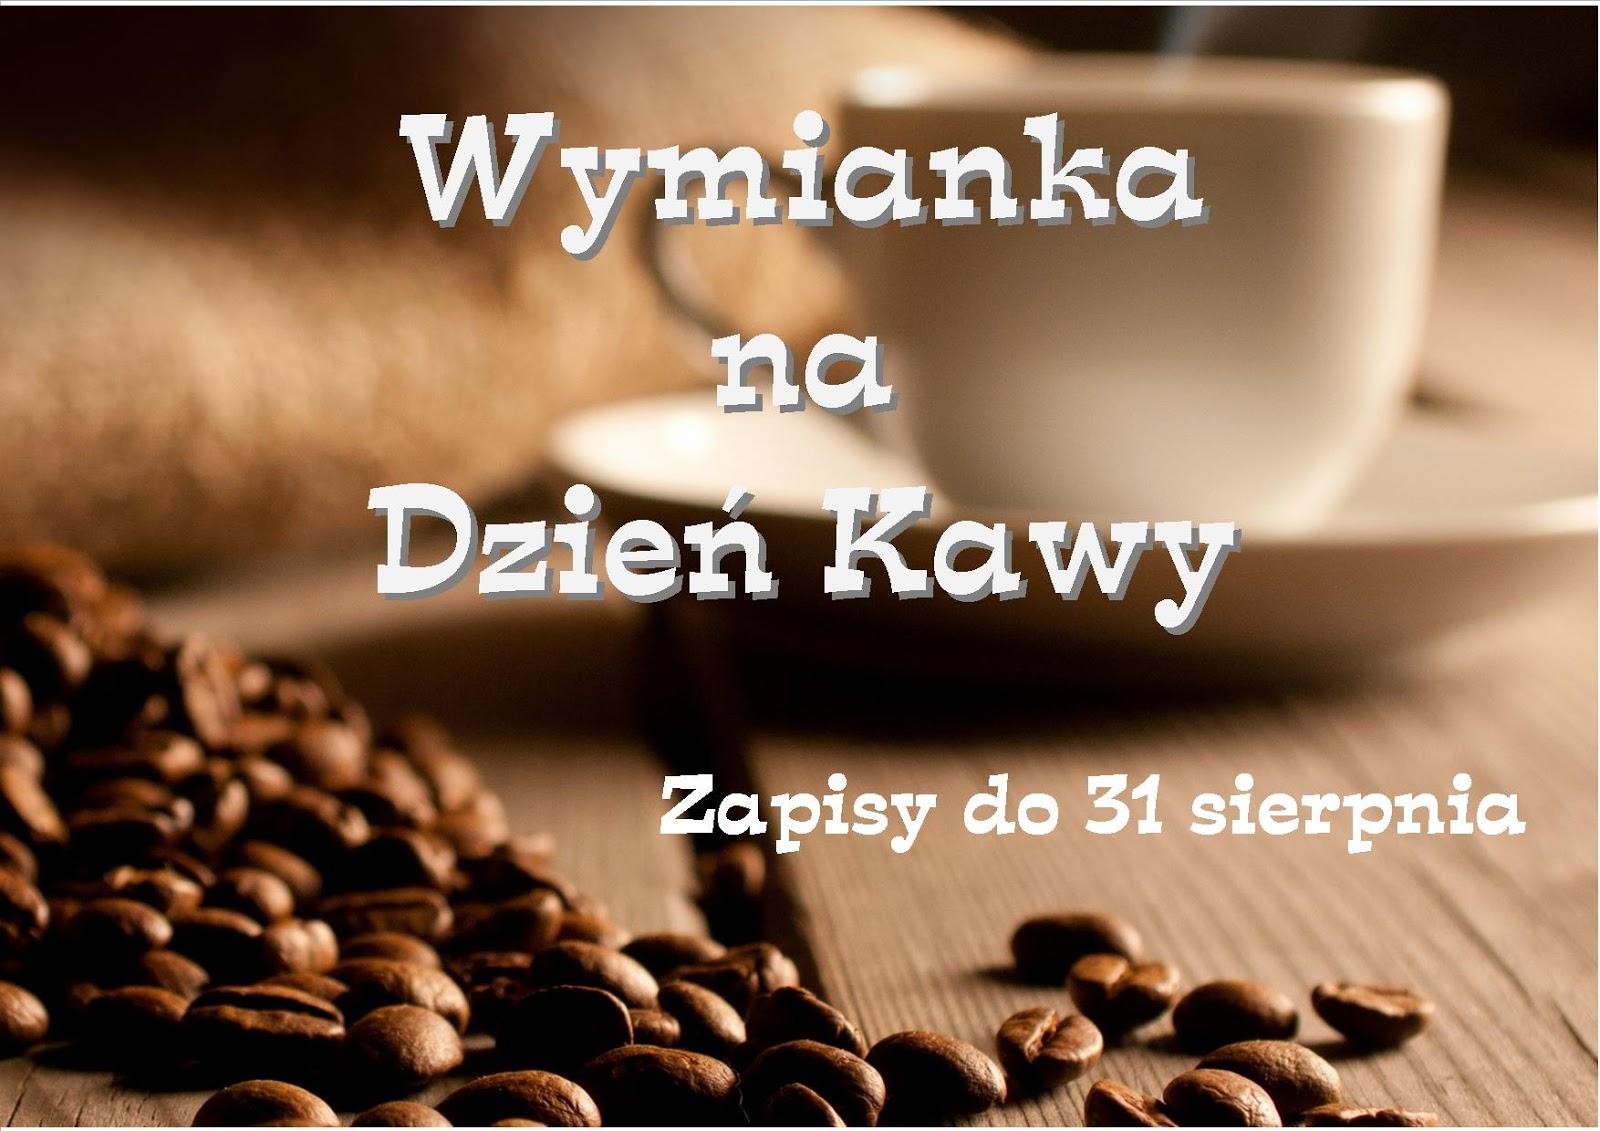 Wymianka Kawowa